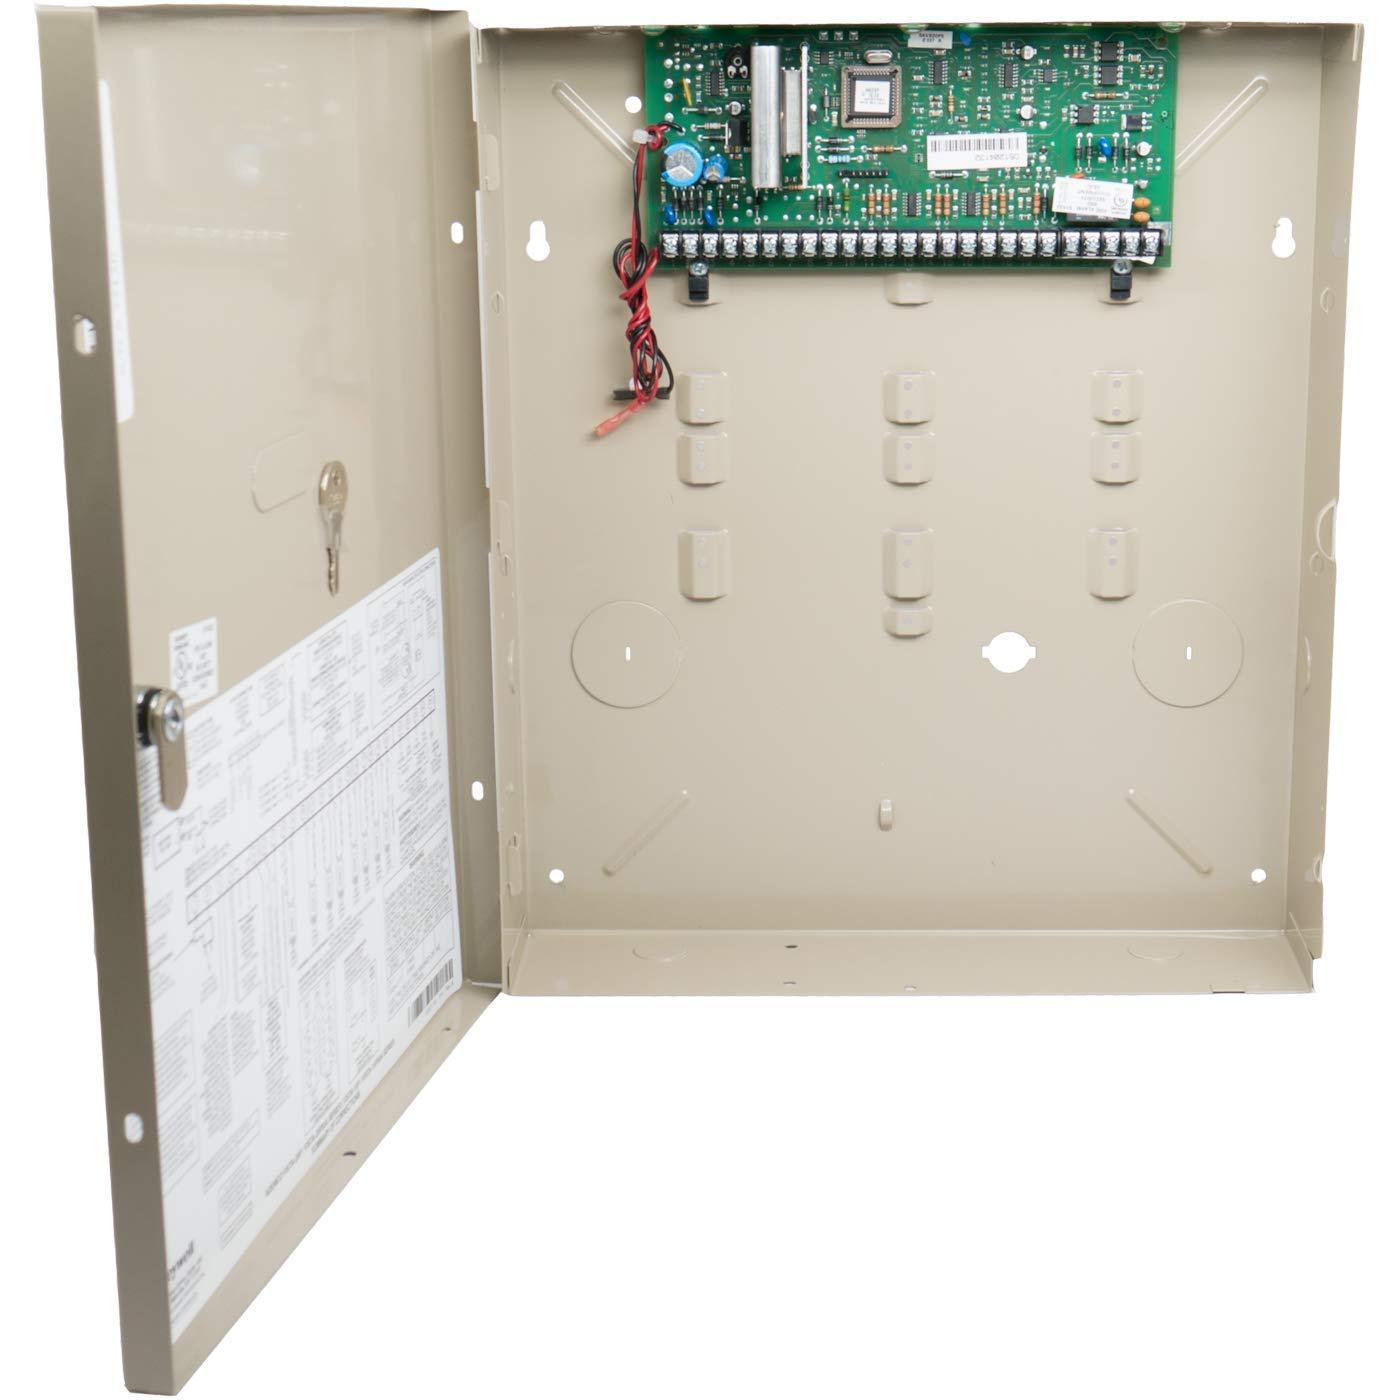 Honeywell VISTA-20P Ademco Control Panel, PCB in Aluminum Enclosure